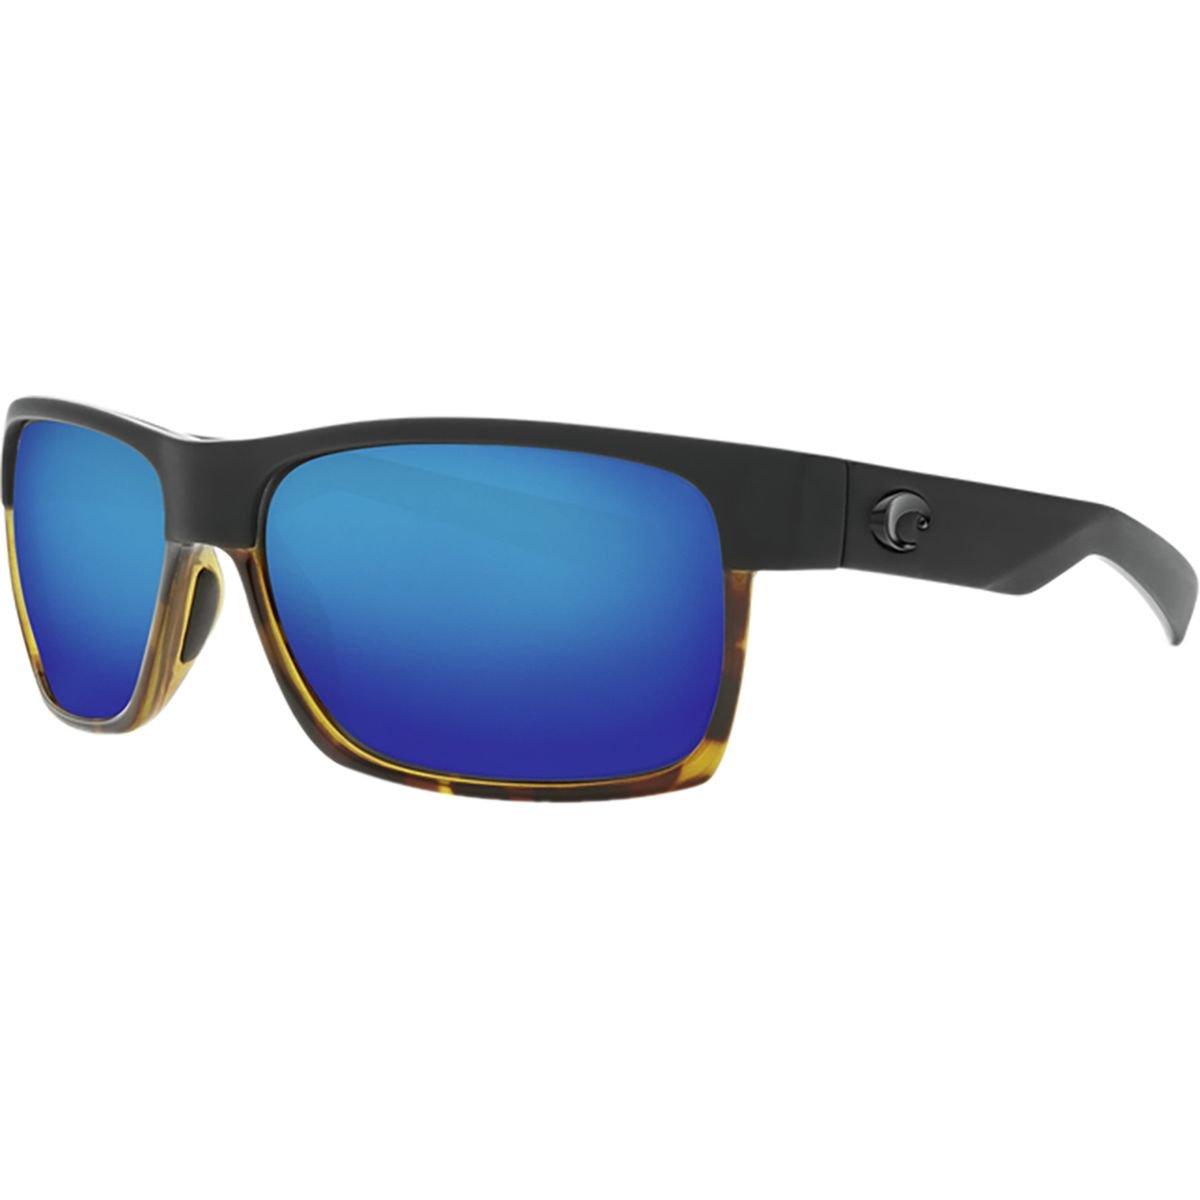 Costa Rican APPAREL メンズ US サイズ: One Size カラー: ブラック   B07B1GLS5T